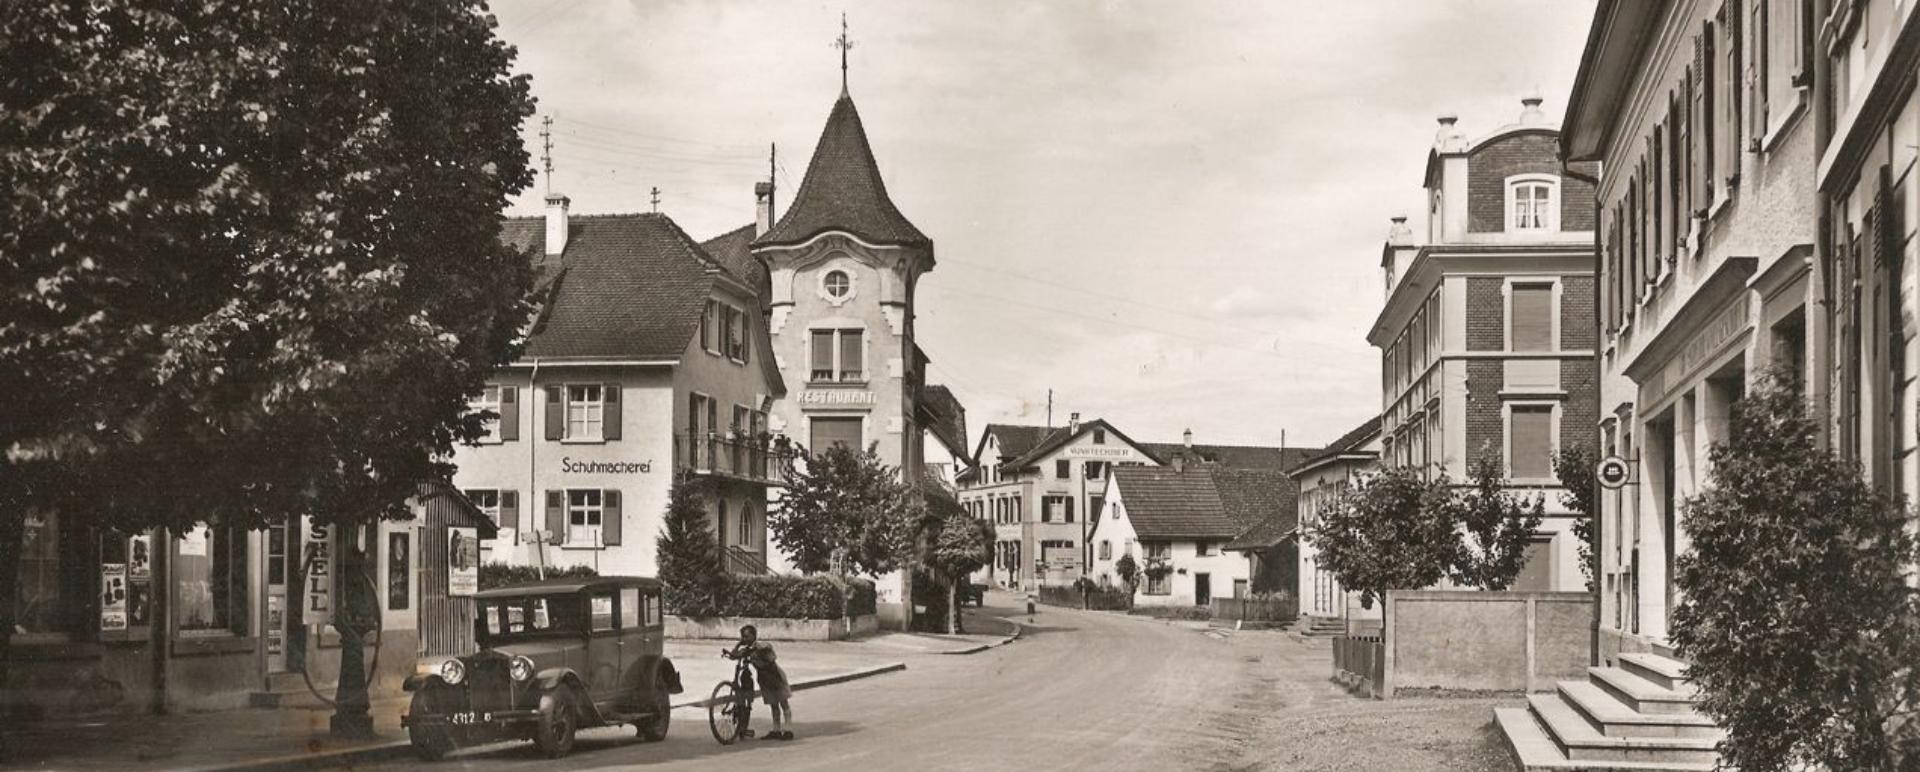 Oberwil – einst und heute